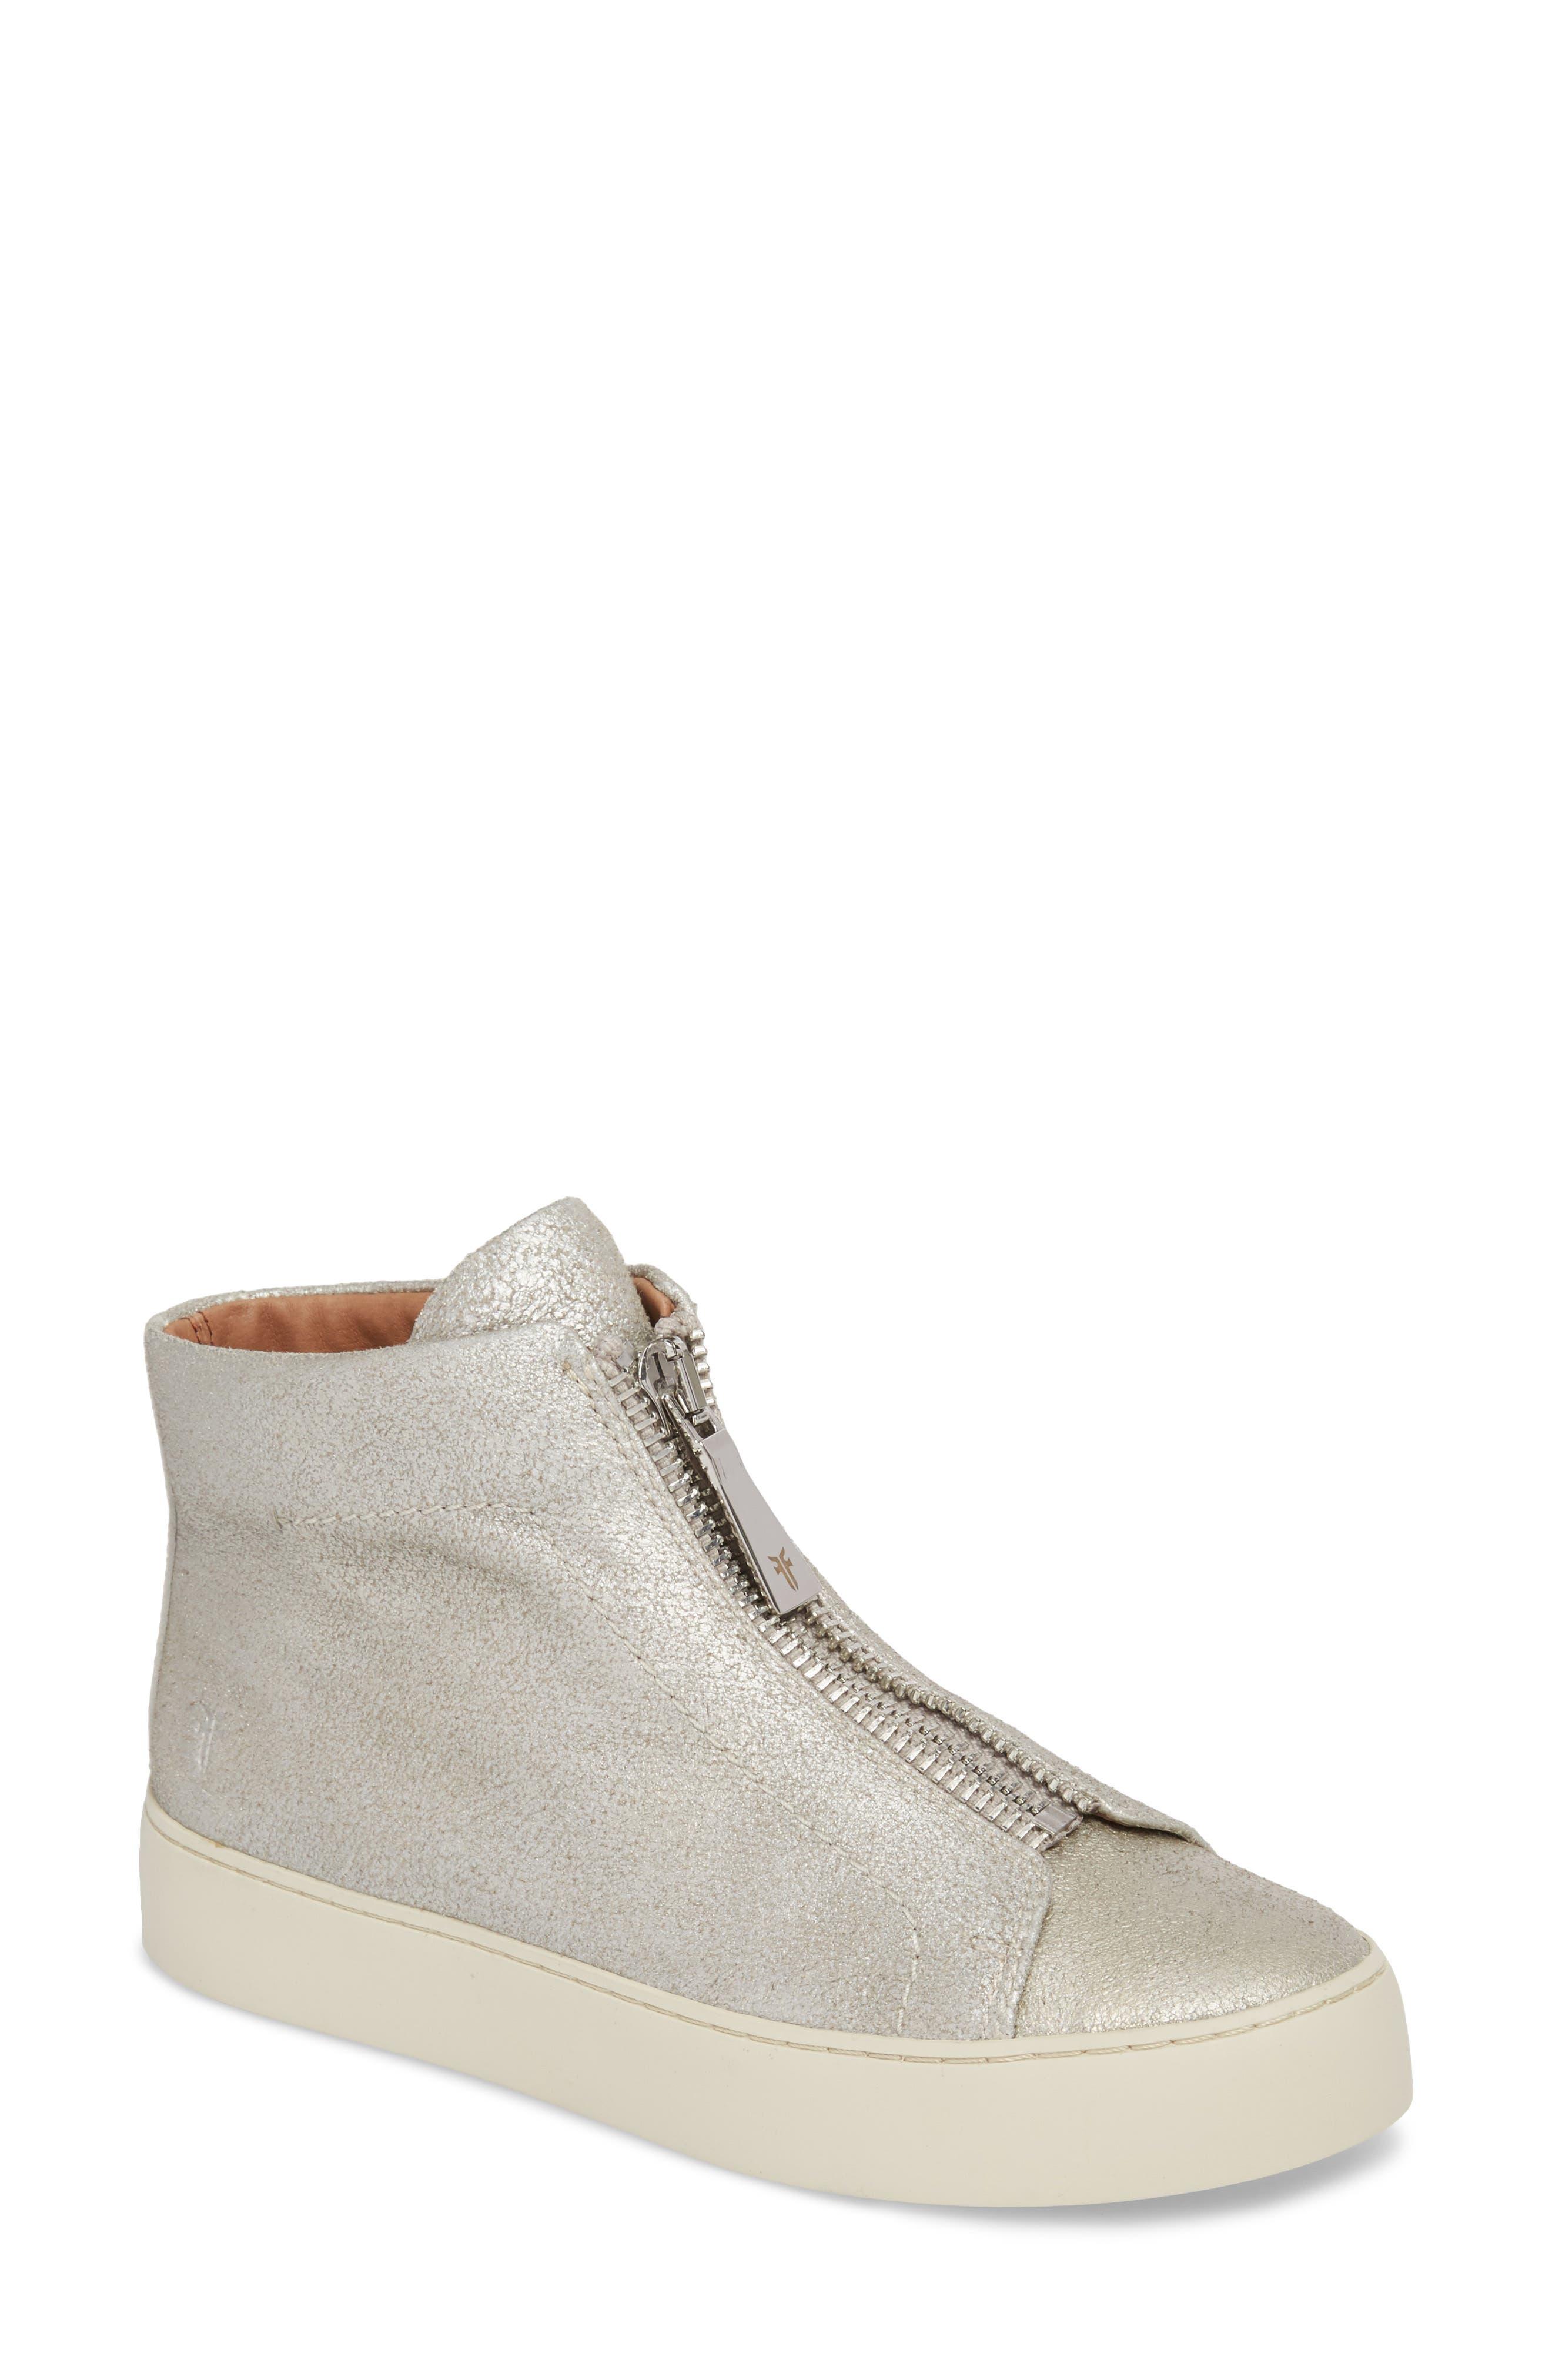 Lena Zip High Top Sneaker,                         Main,                         color, Silver